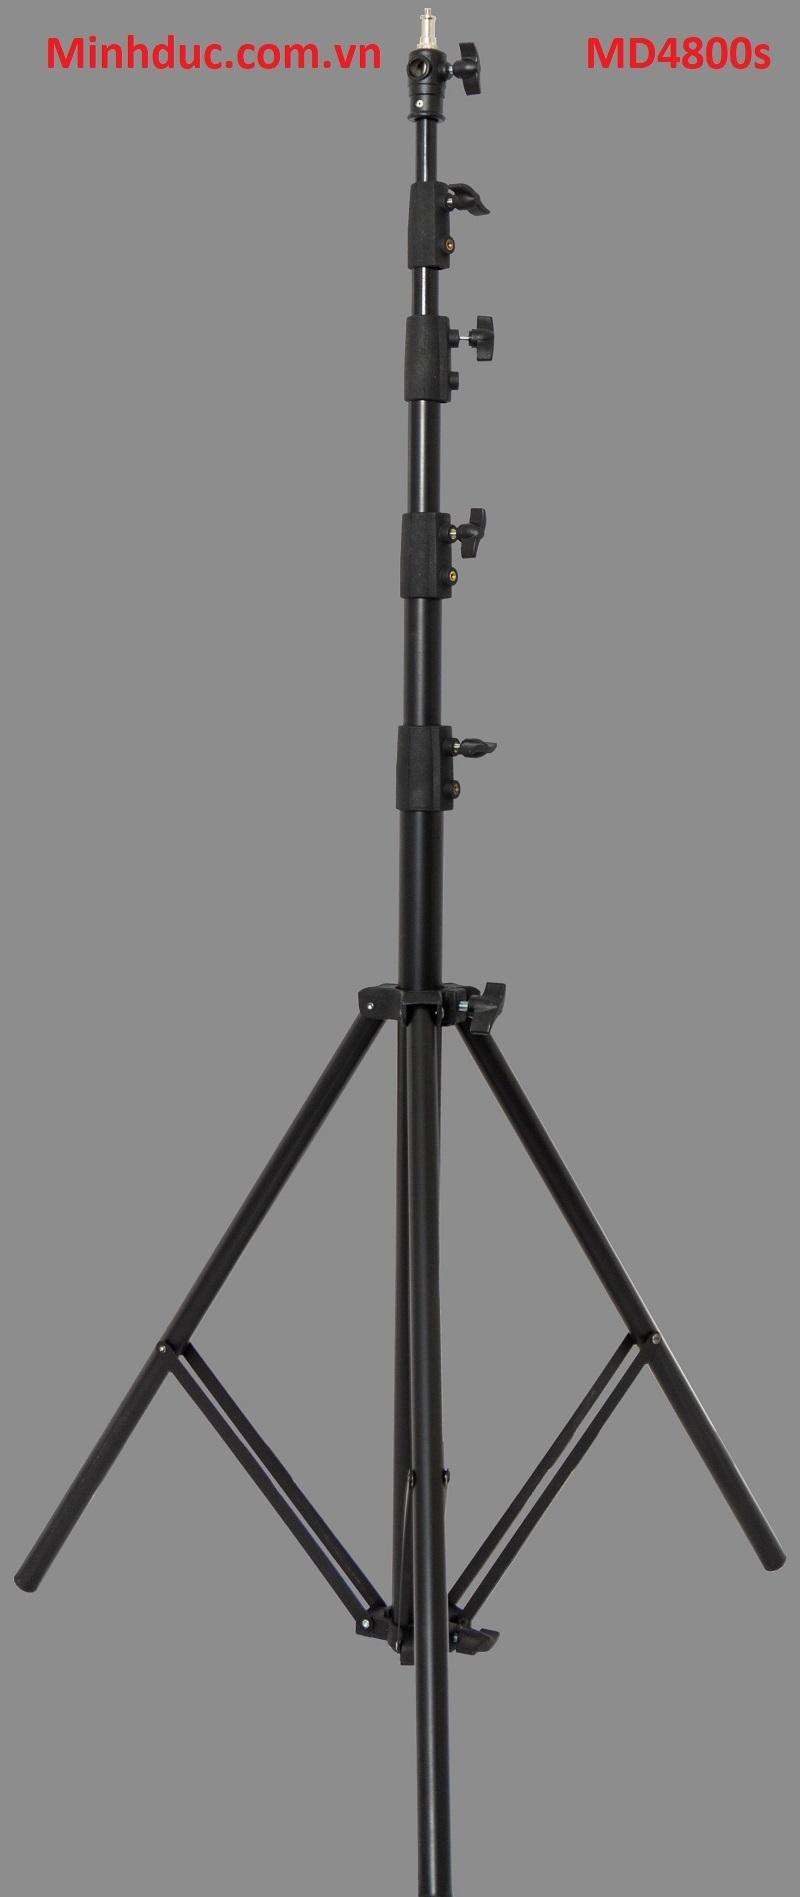 Chân Đèn Light Stand PT4800 Cao 480 Cm Có Đầu Thay Ren Photoviet